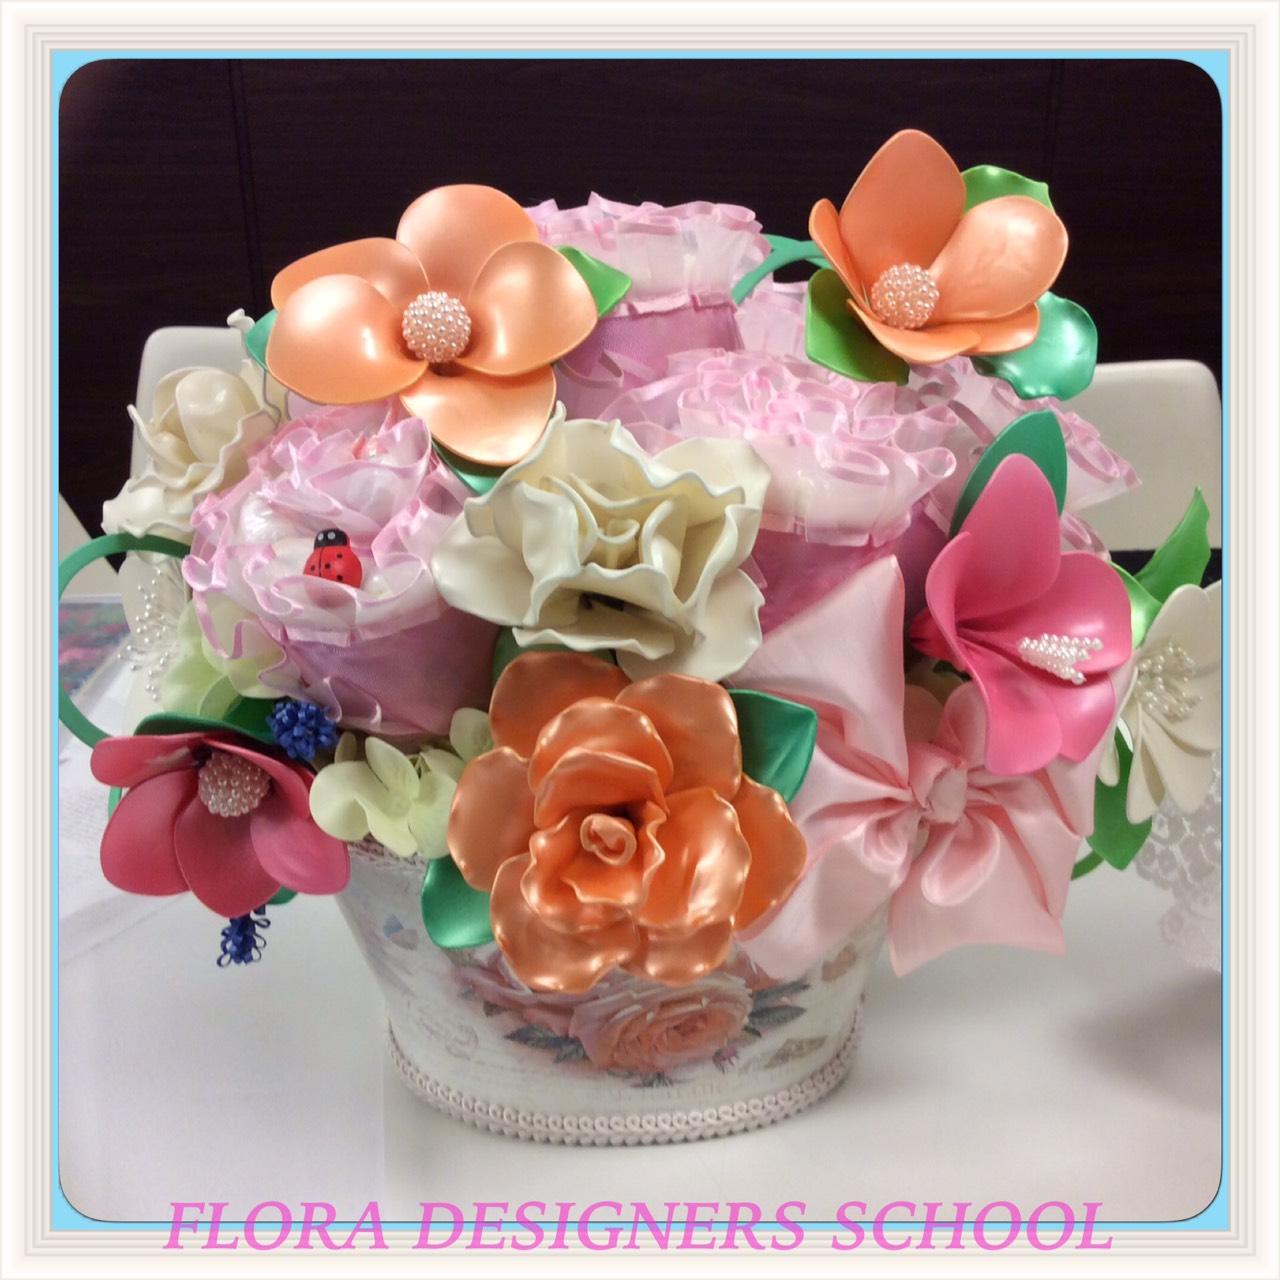 フラワーバルーン風船のお花とおむつのお花のコラボです。わかりますか?